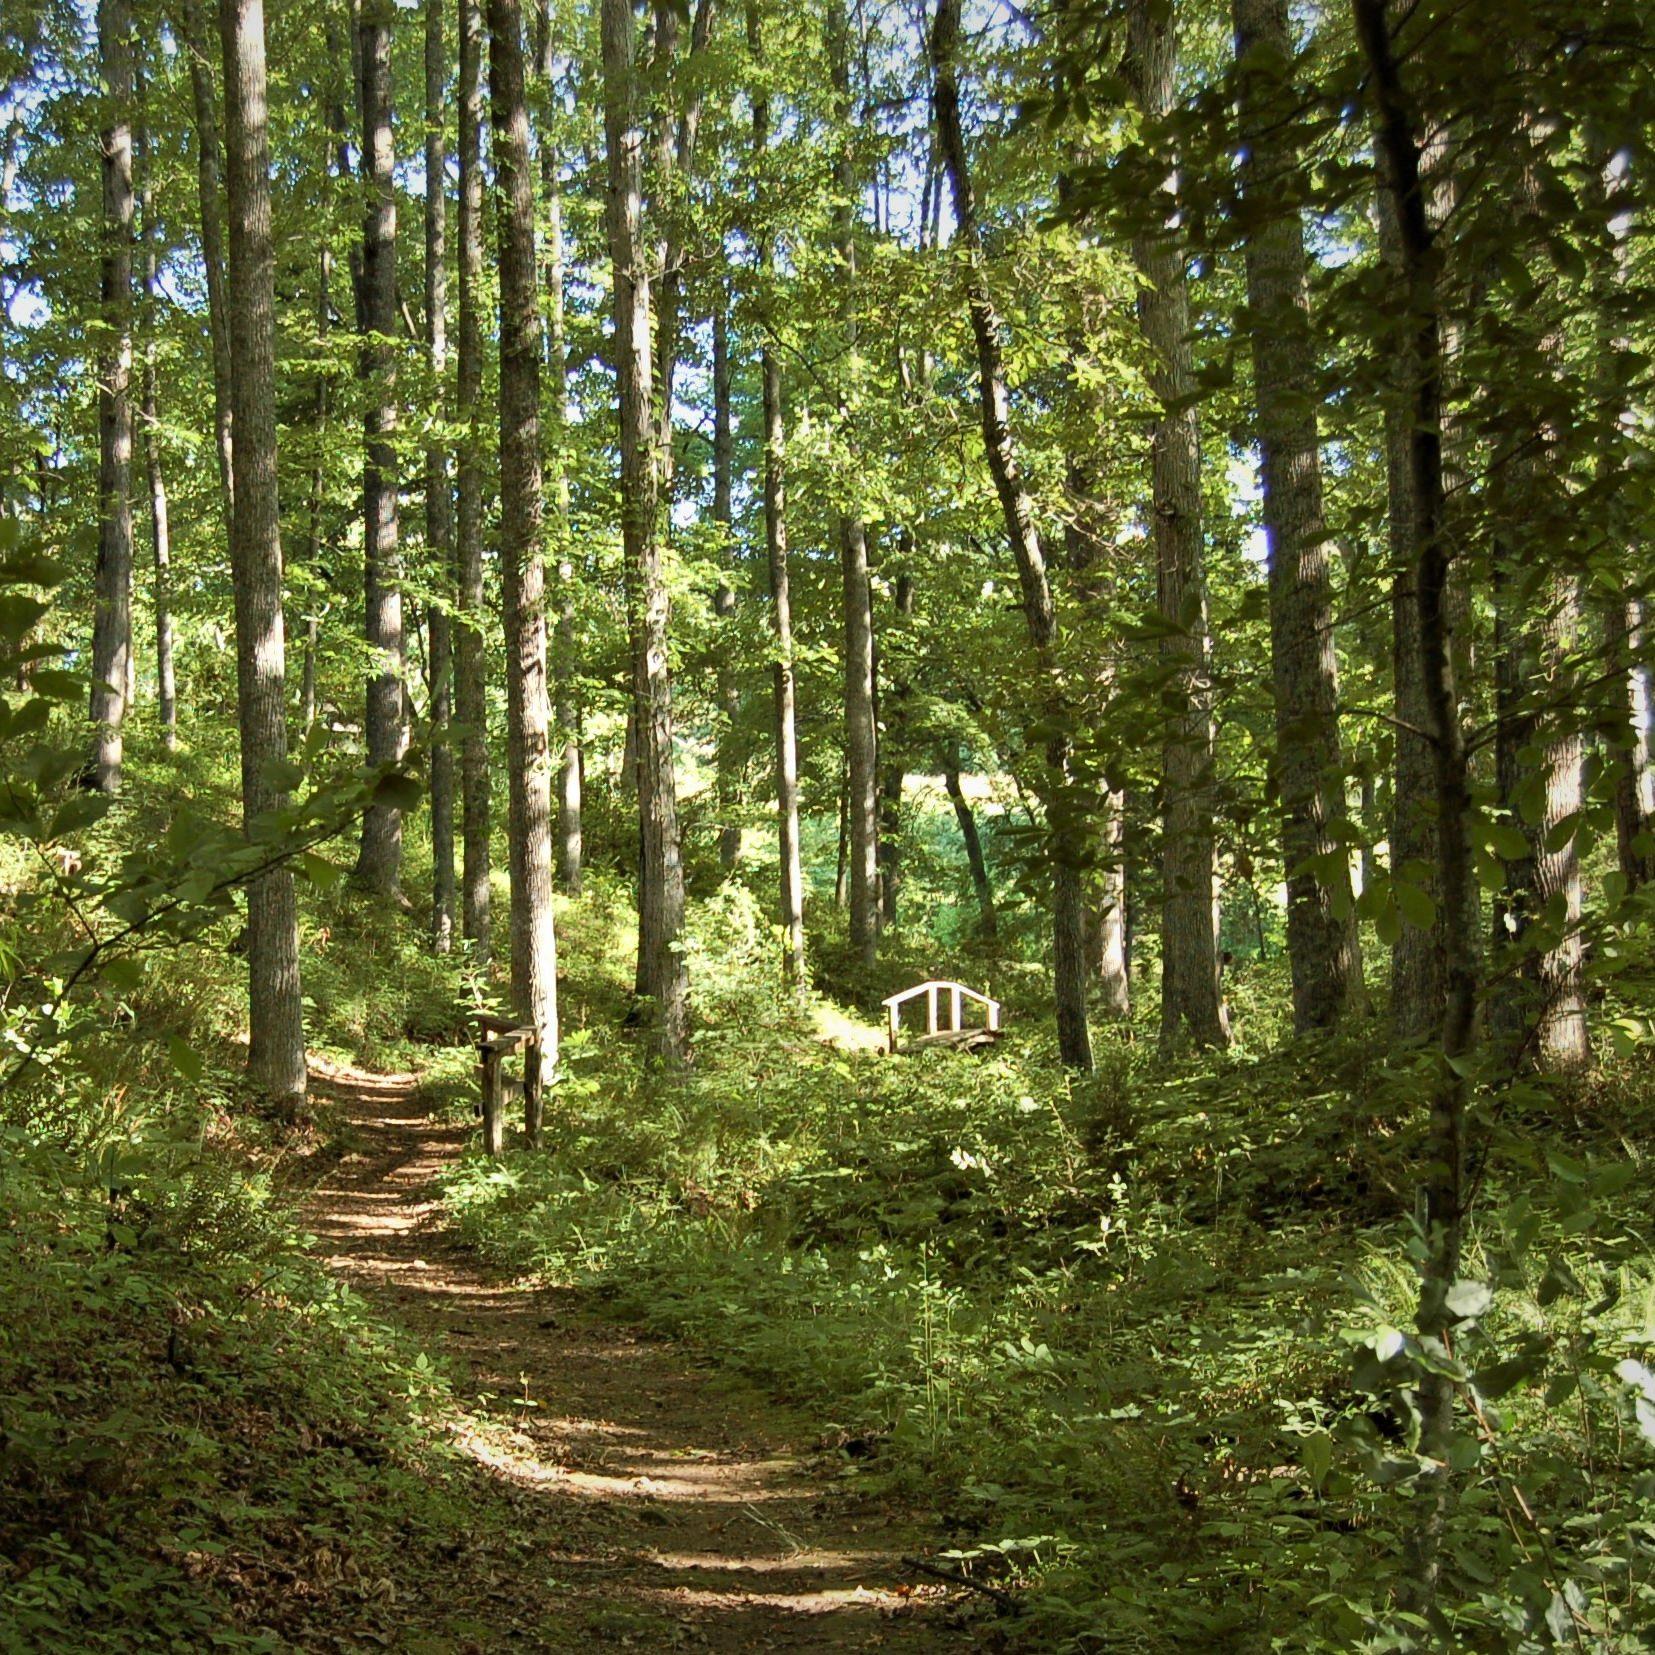 Arboretum Cover Tree Walk